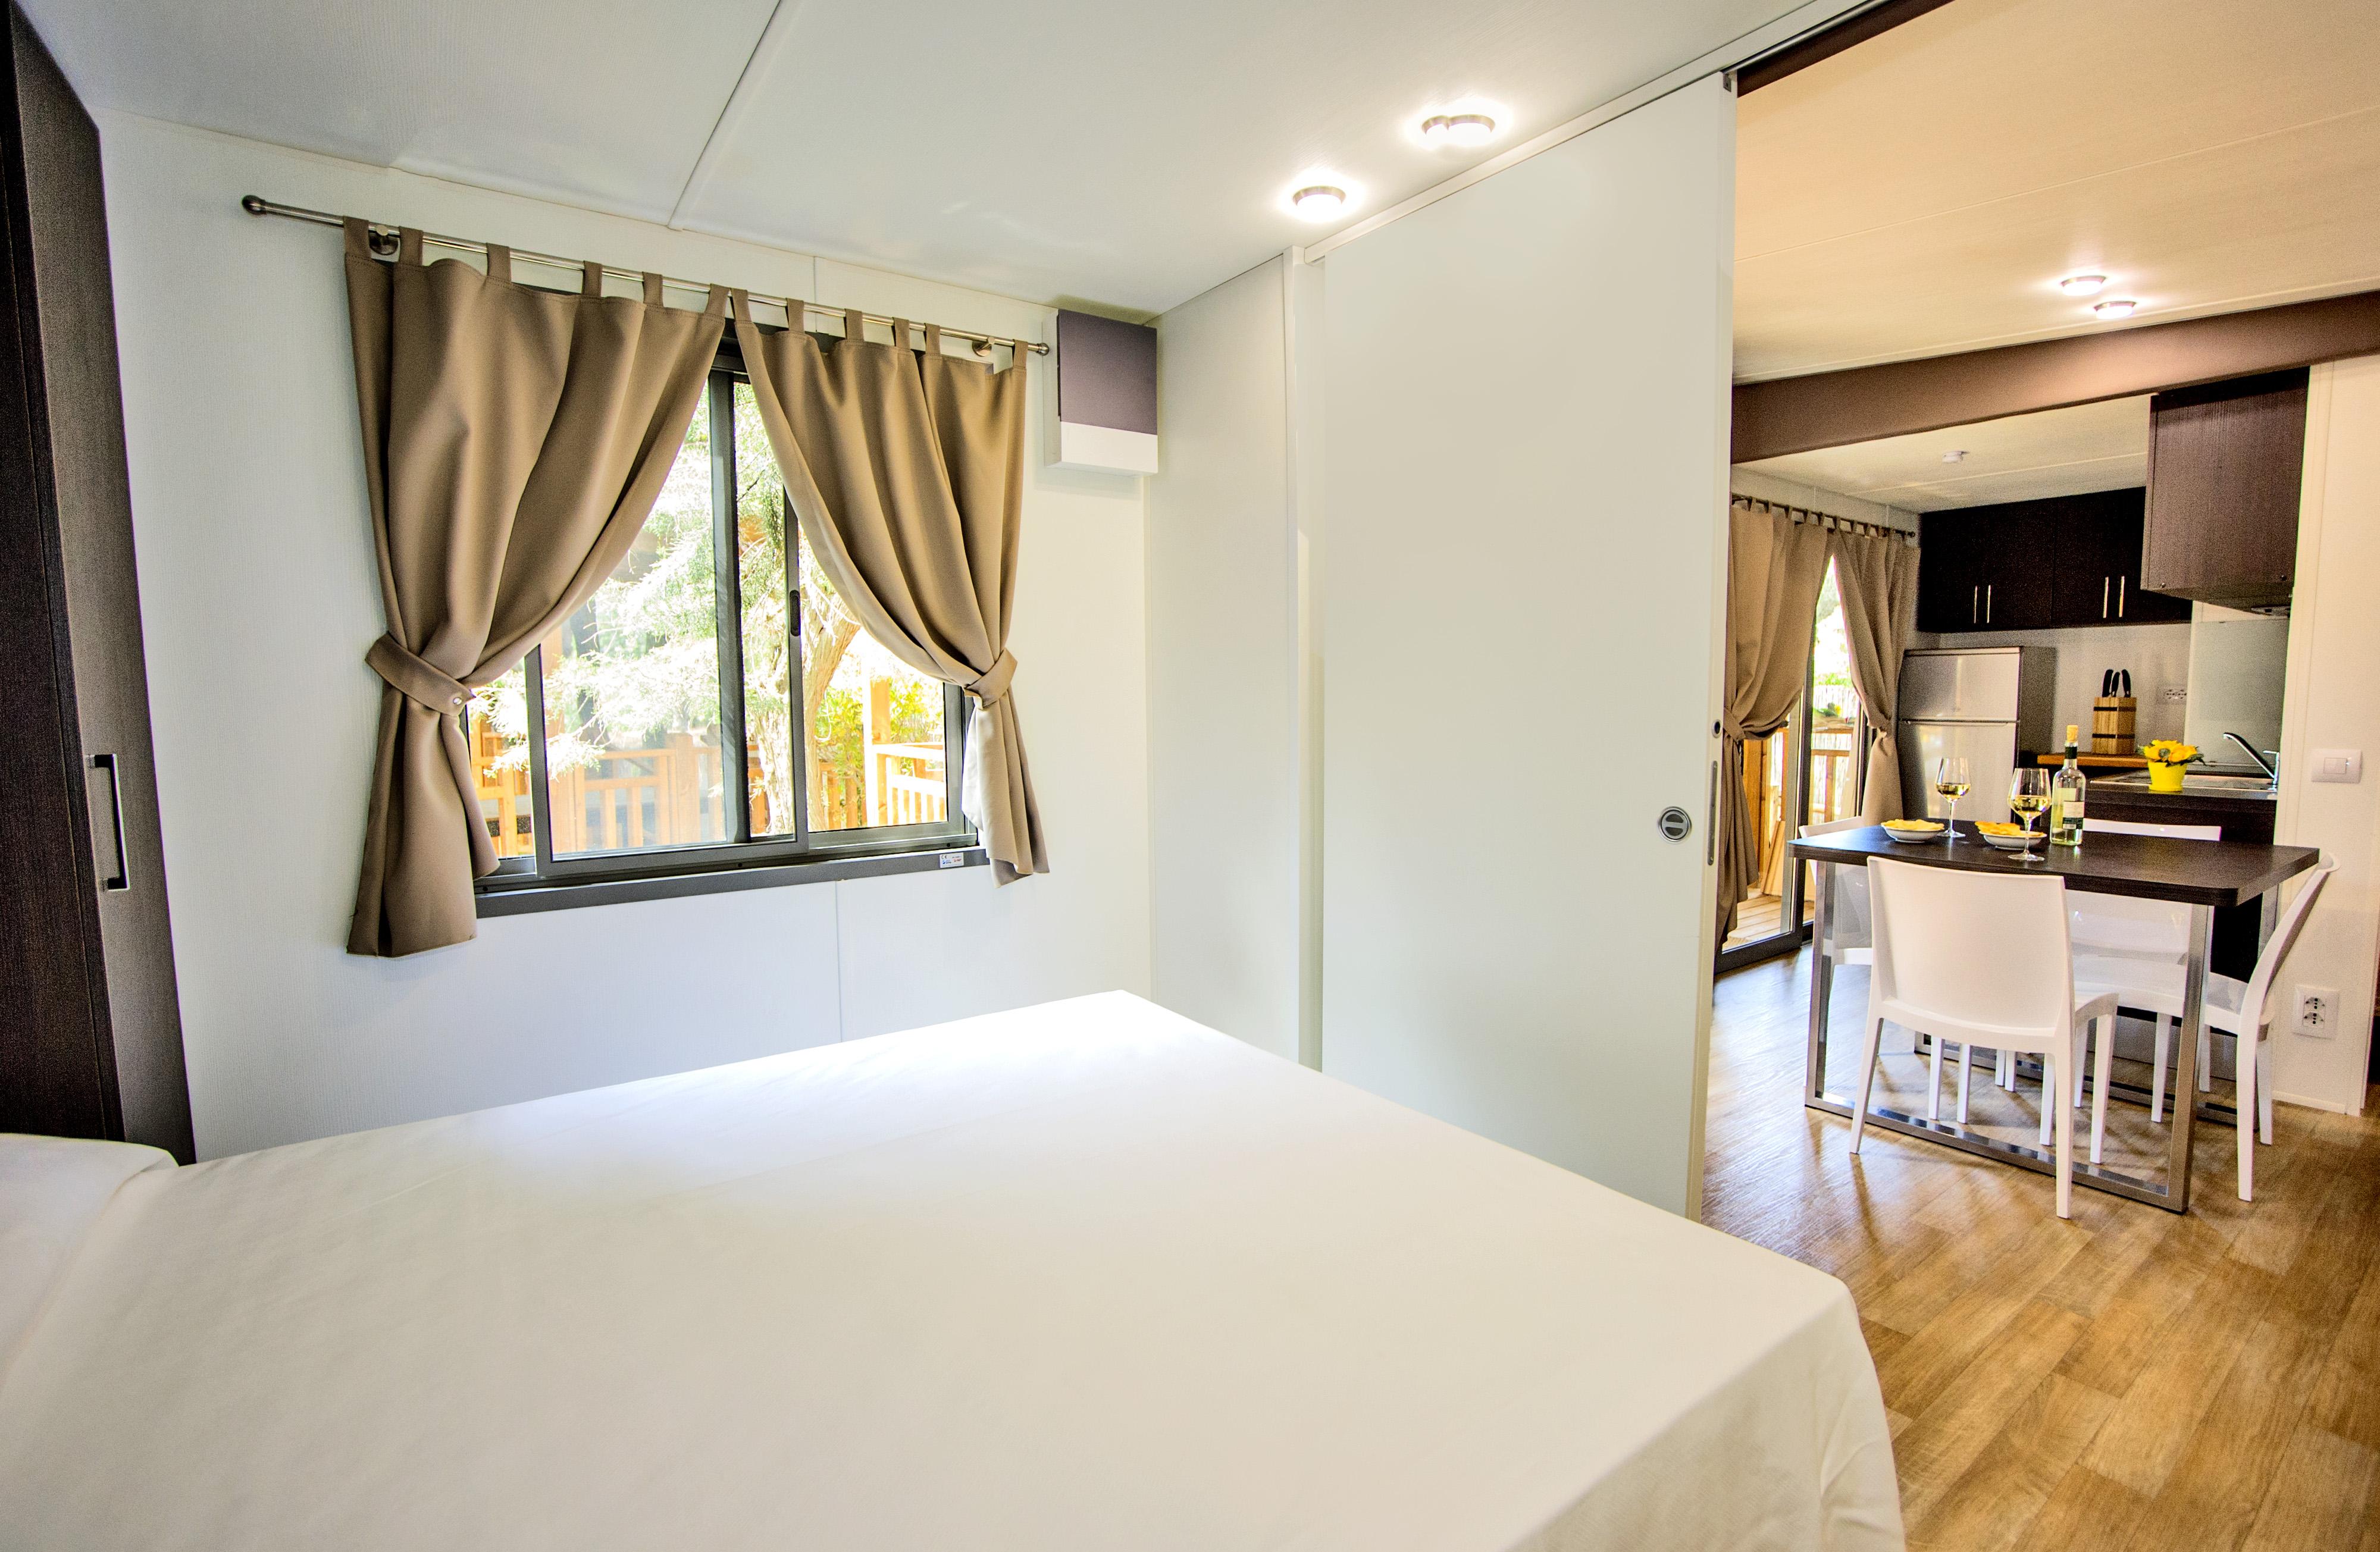 Speciale soggiorno in casa mobile camping village for Casa speciale